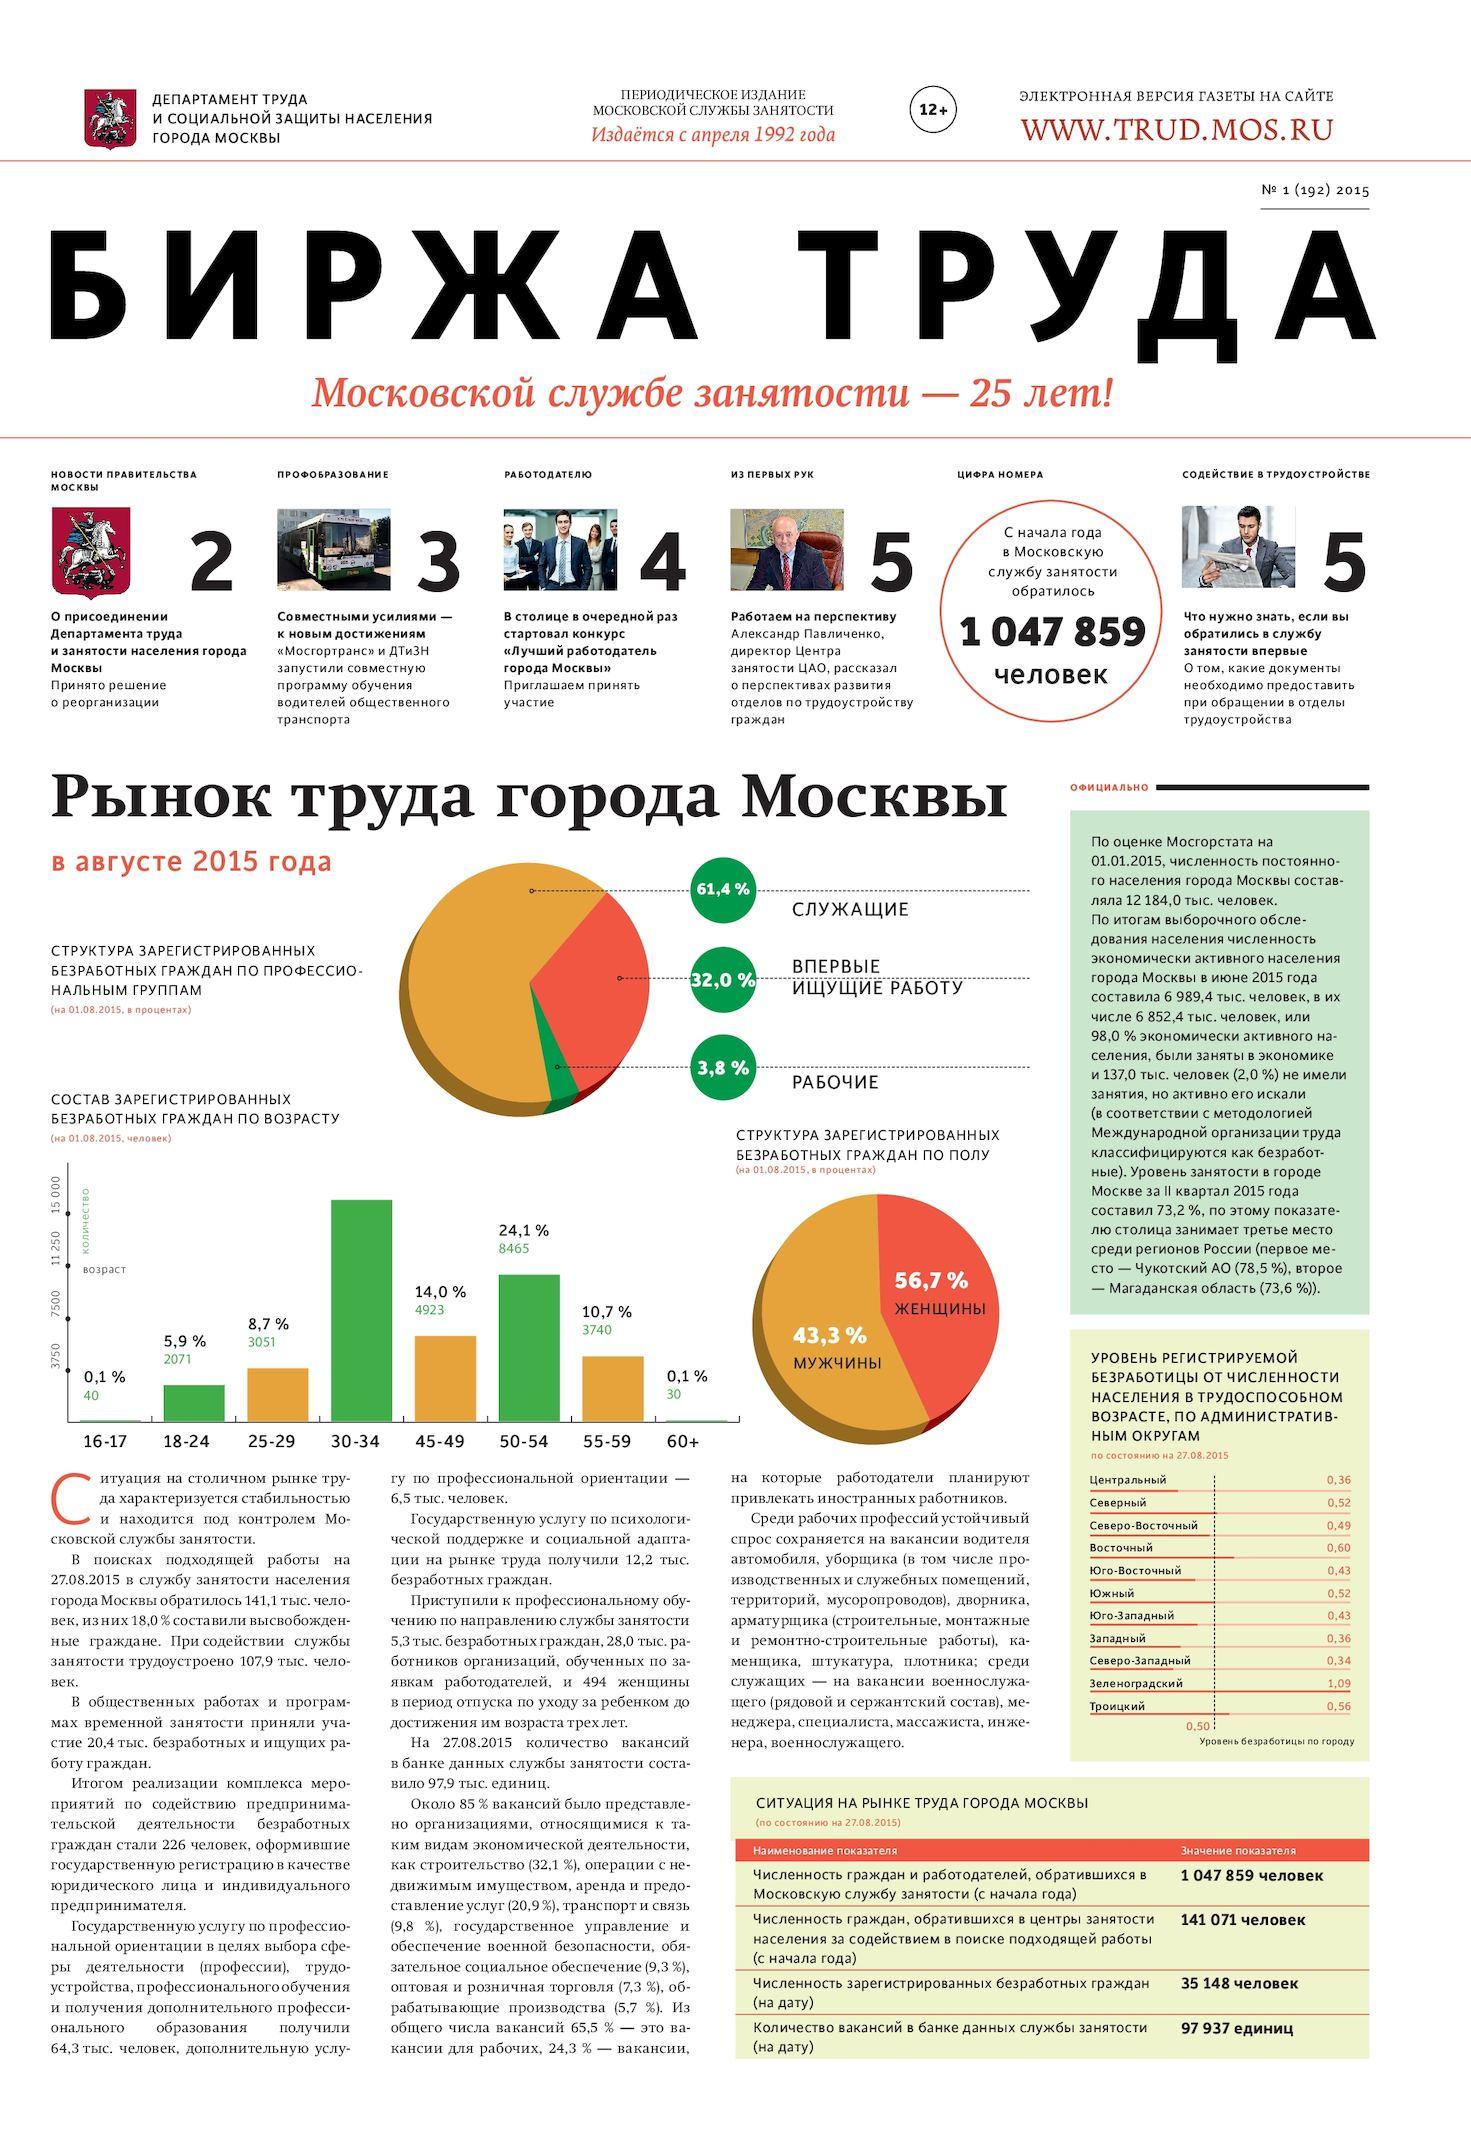 Трудовой договор для фмс в москве Головинское шоссе порядок исчисления ндфл